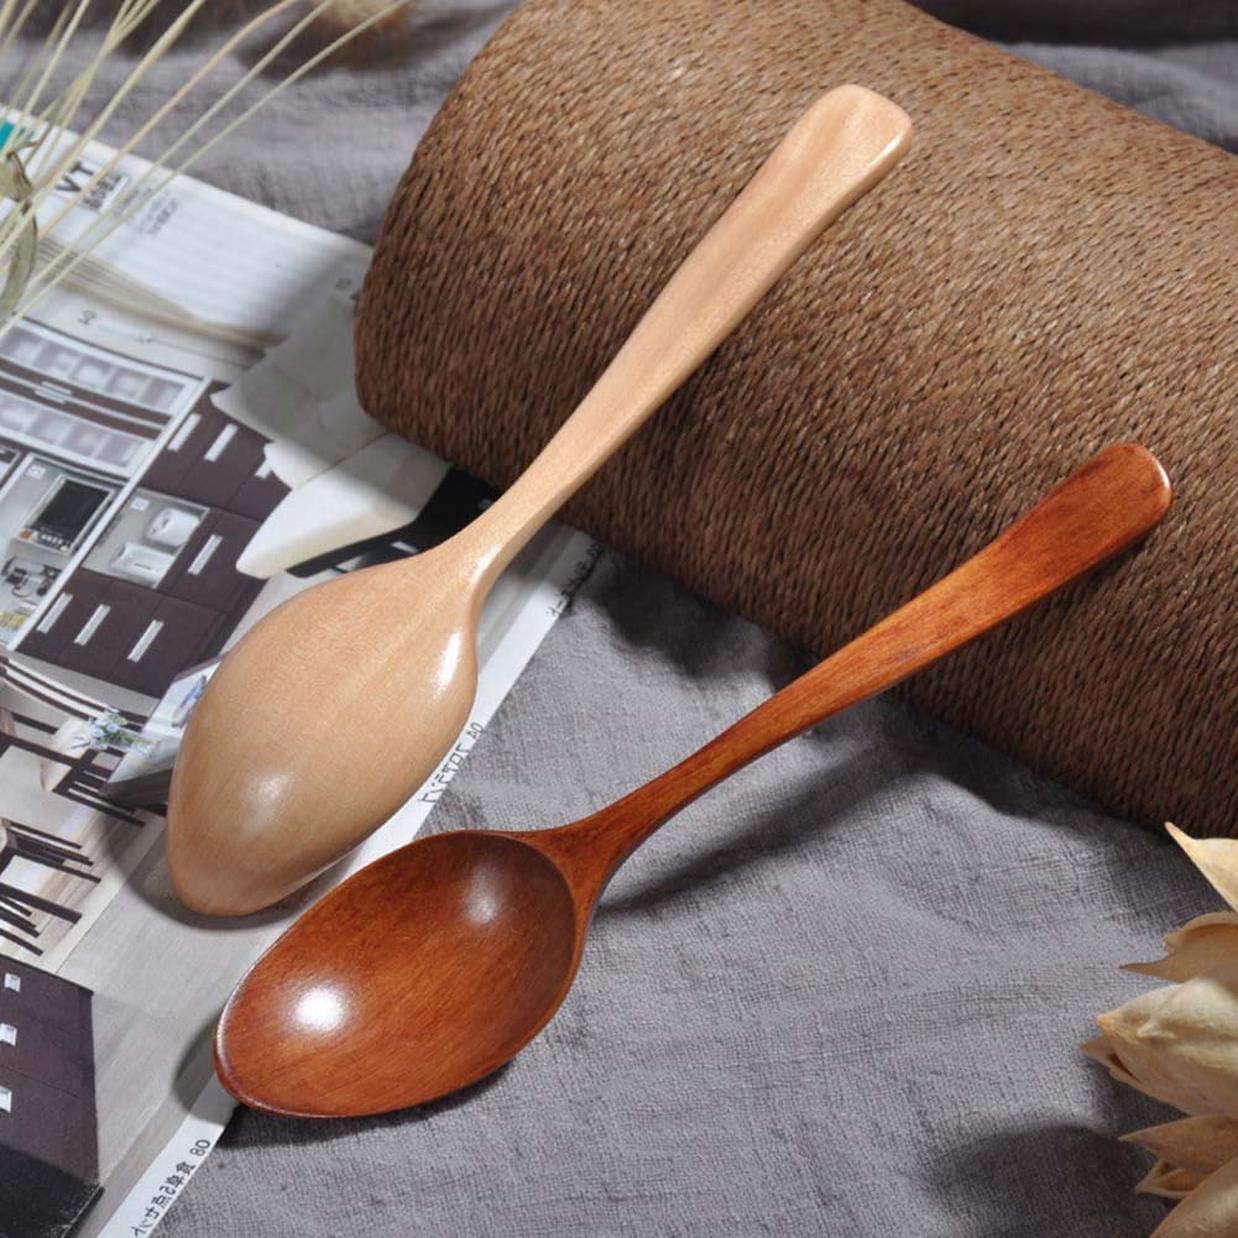 dryujdytru Rentable Natural Cocina Madera Cuchara Sopera Saludable Madera Cuchara Arroz Cuchara Infantil Vajilla para Hogar Decoraci/ón H02